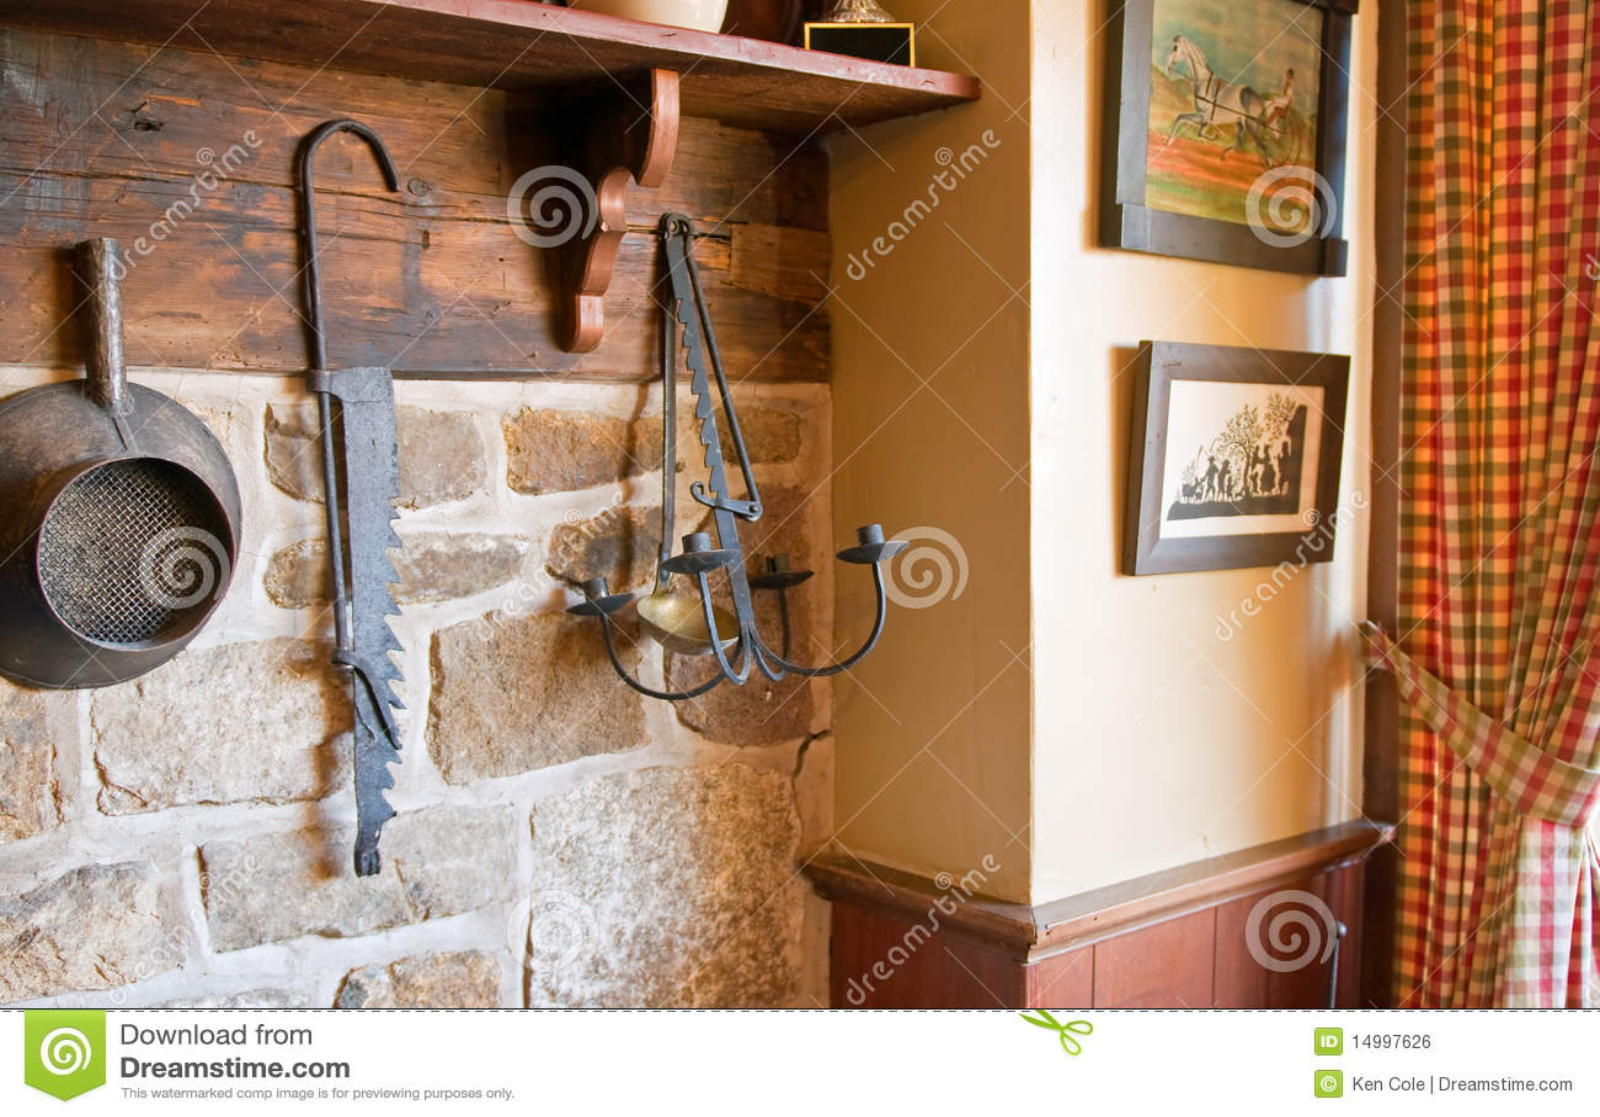 landküche mit antiken lizenzfreies stockbild - bild: 14997626 - Land Küche